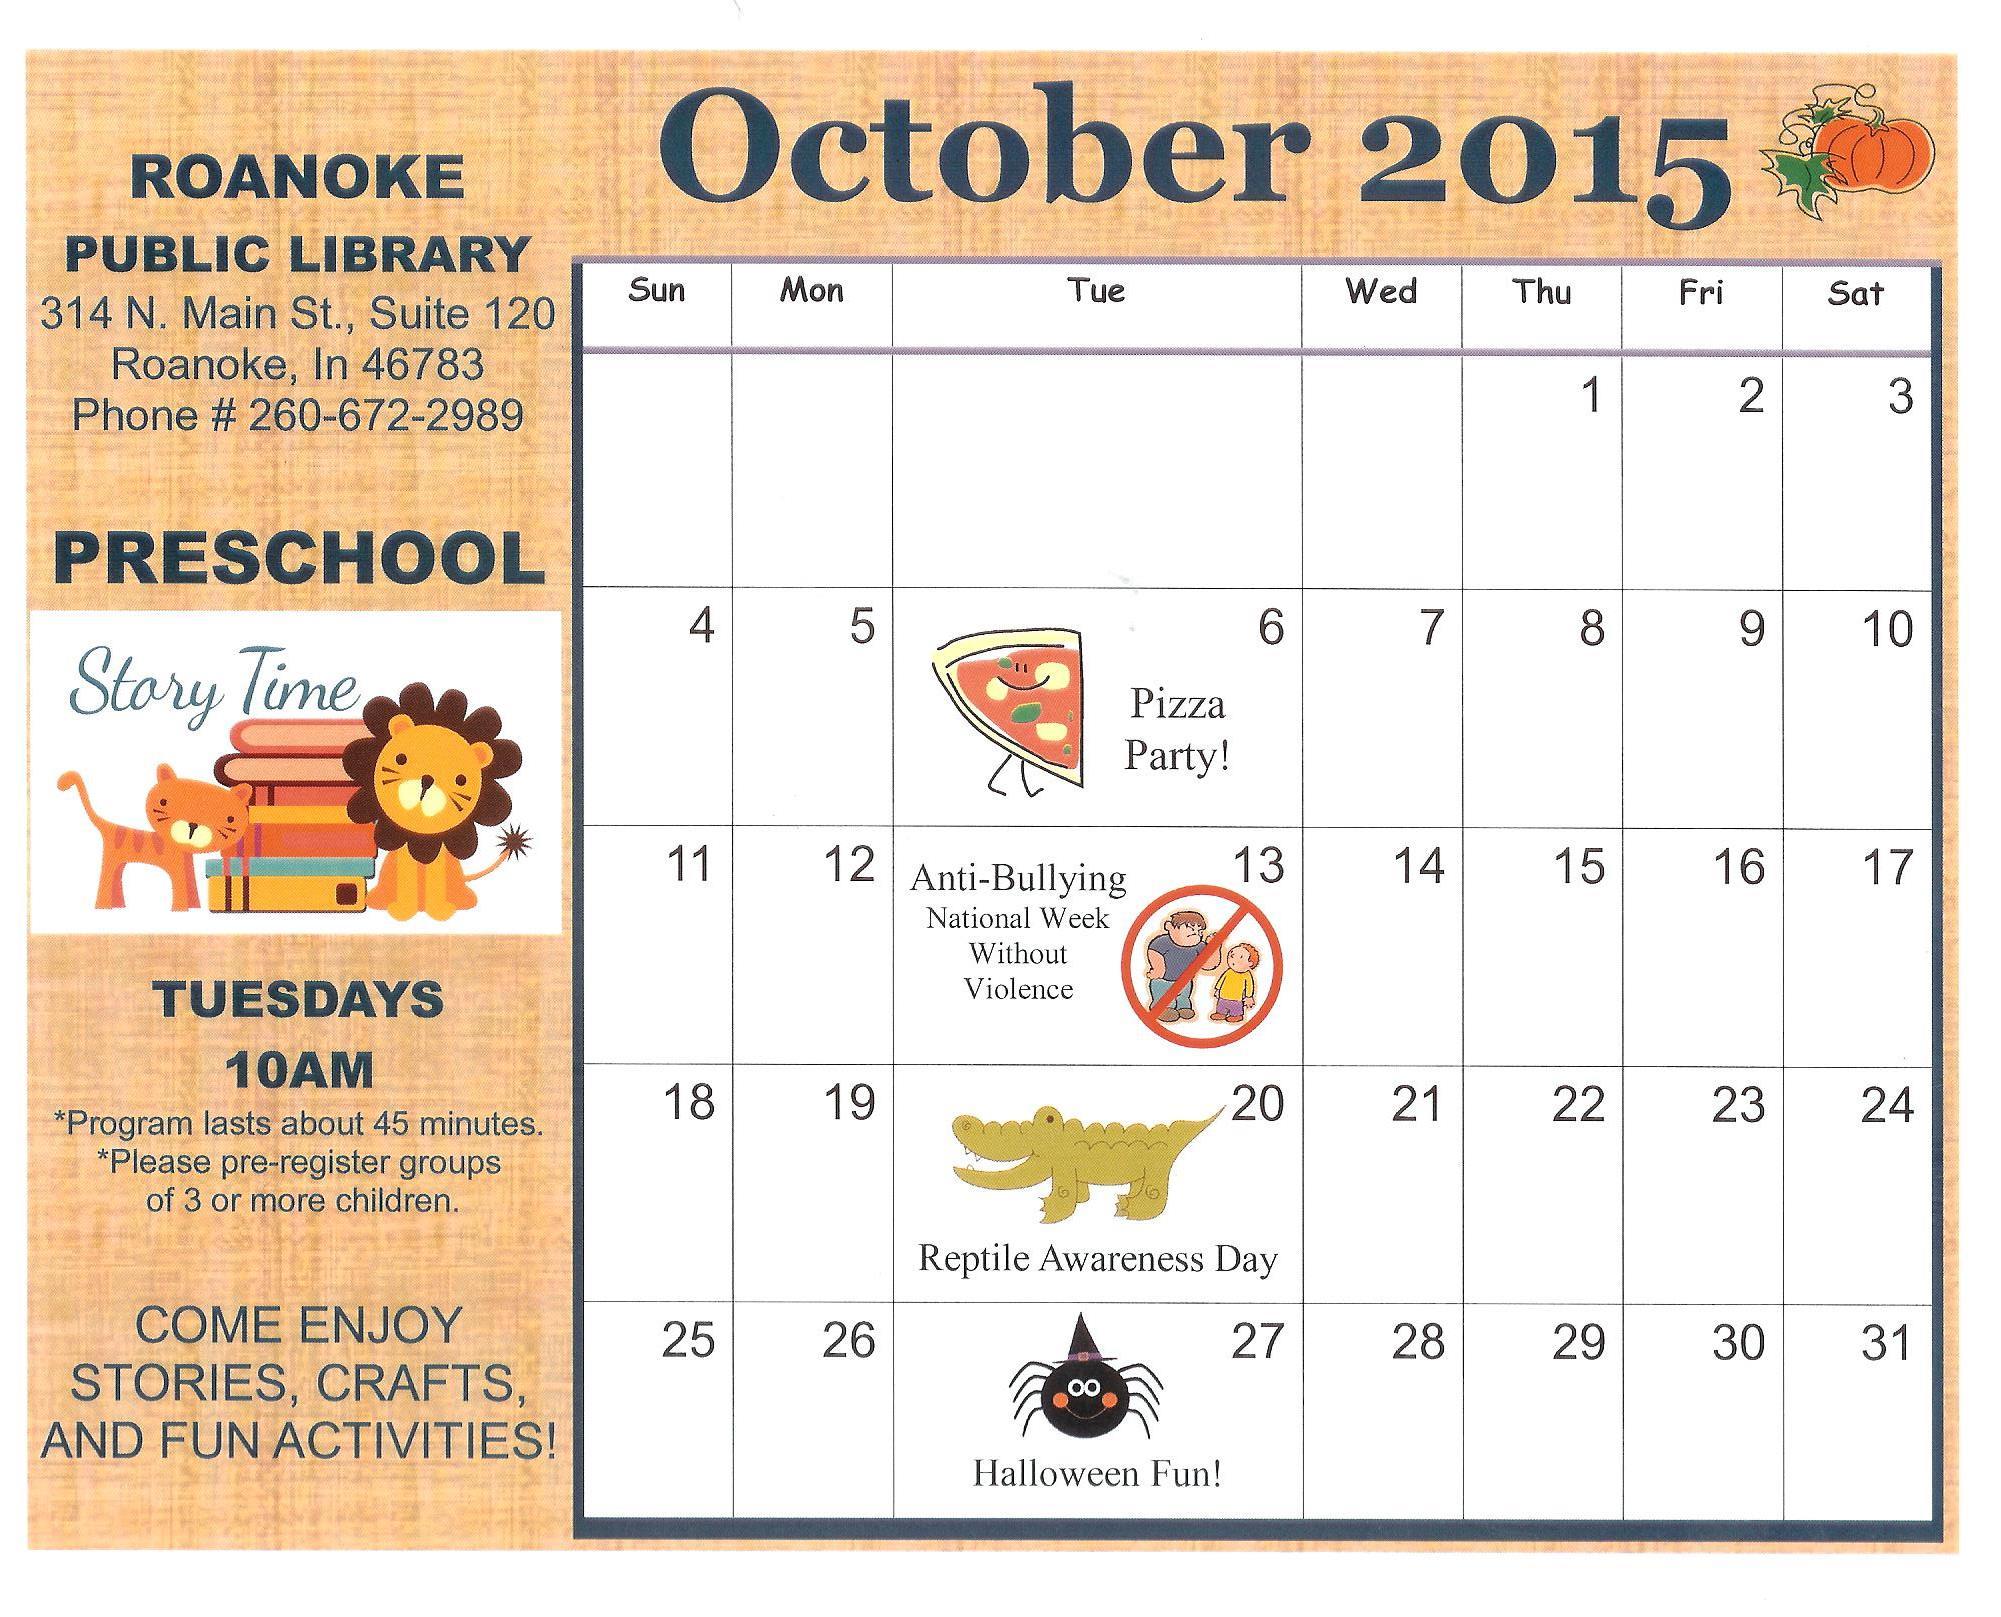 October Calendar Kindergarten : Preschool story time october children with student cards